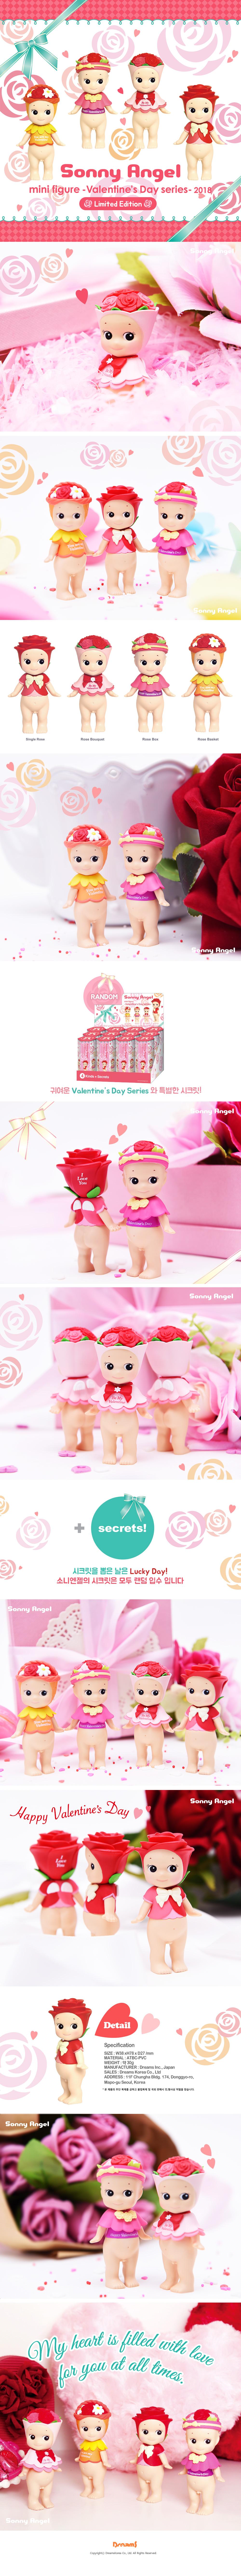 [드림즈코리아 정품 소니엔젤] 미니피규어_2018 Valentine Day series(랜덤) - 소니엔젤, 8,400원, 캐릭터 피규어, 소니엔젤